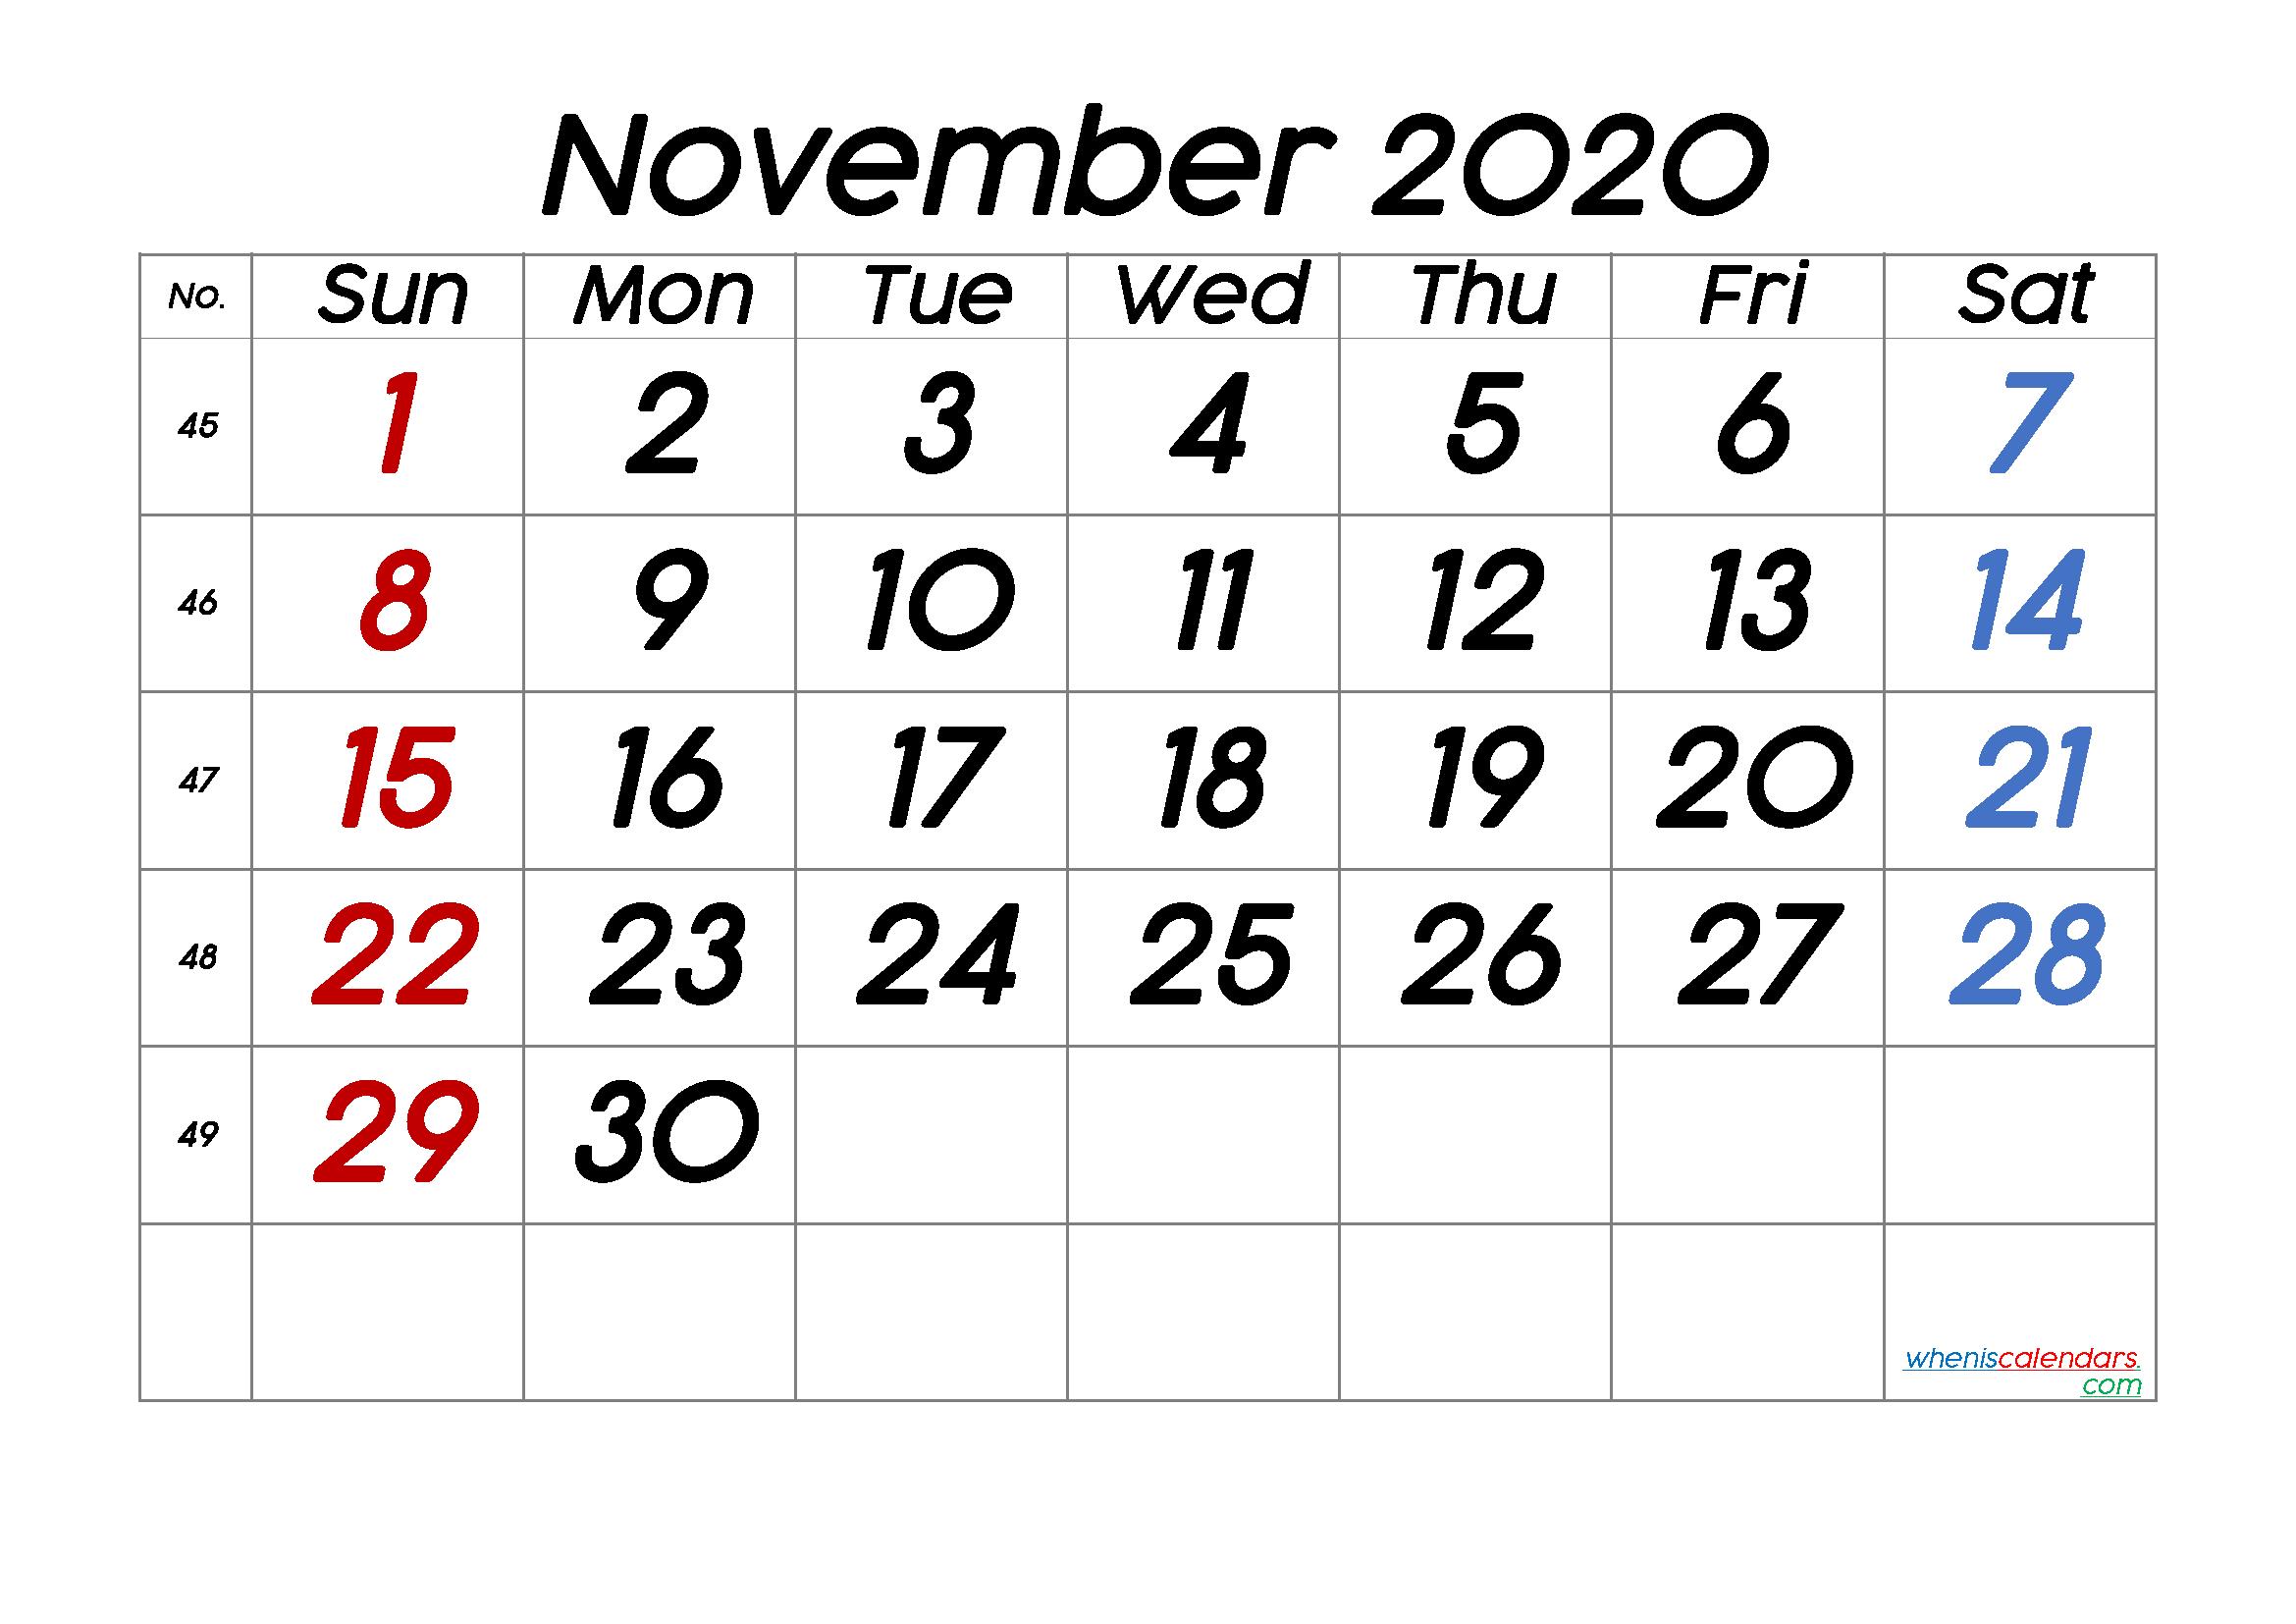 Free Printable November 2020 Calendar With Week Numbers In 2020 June Calendar Printable Calendar With Week Numbers Calendar Printables